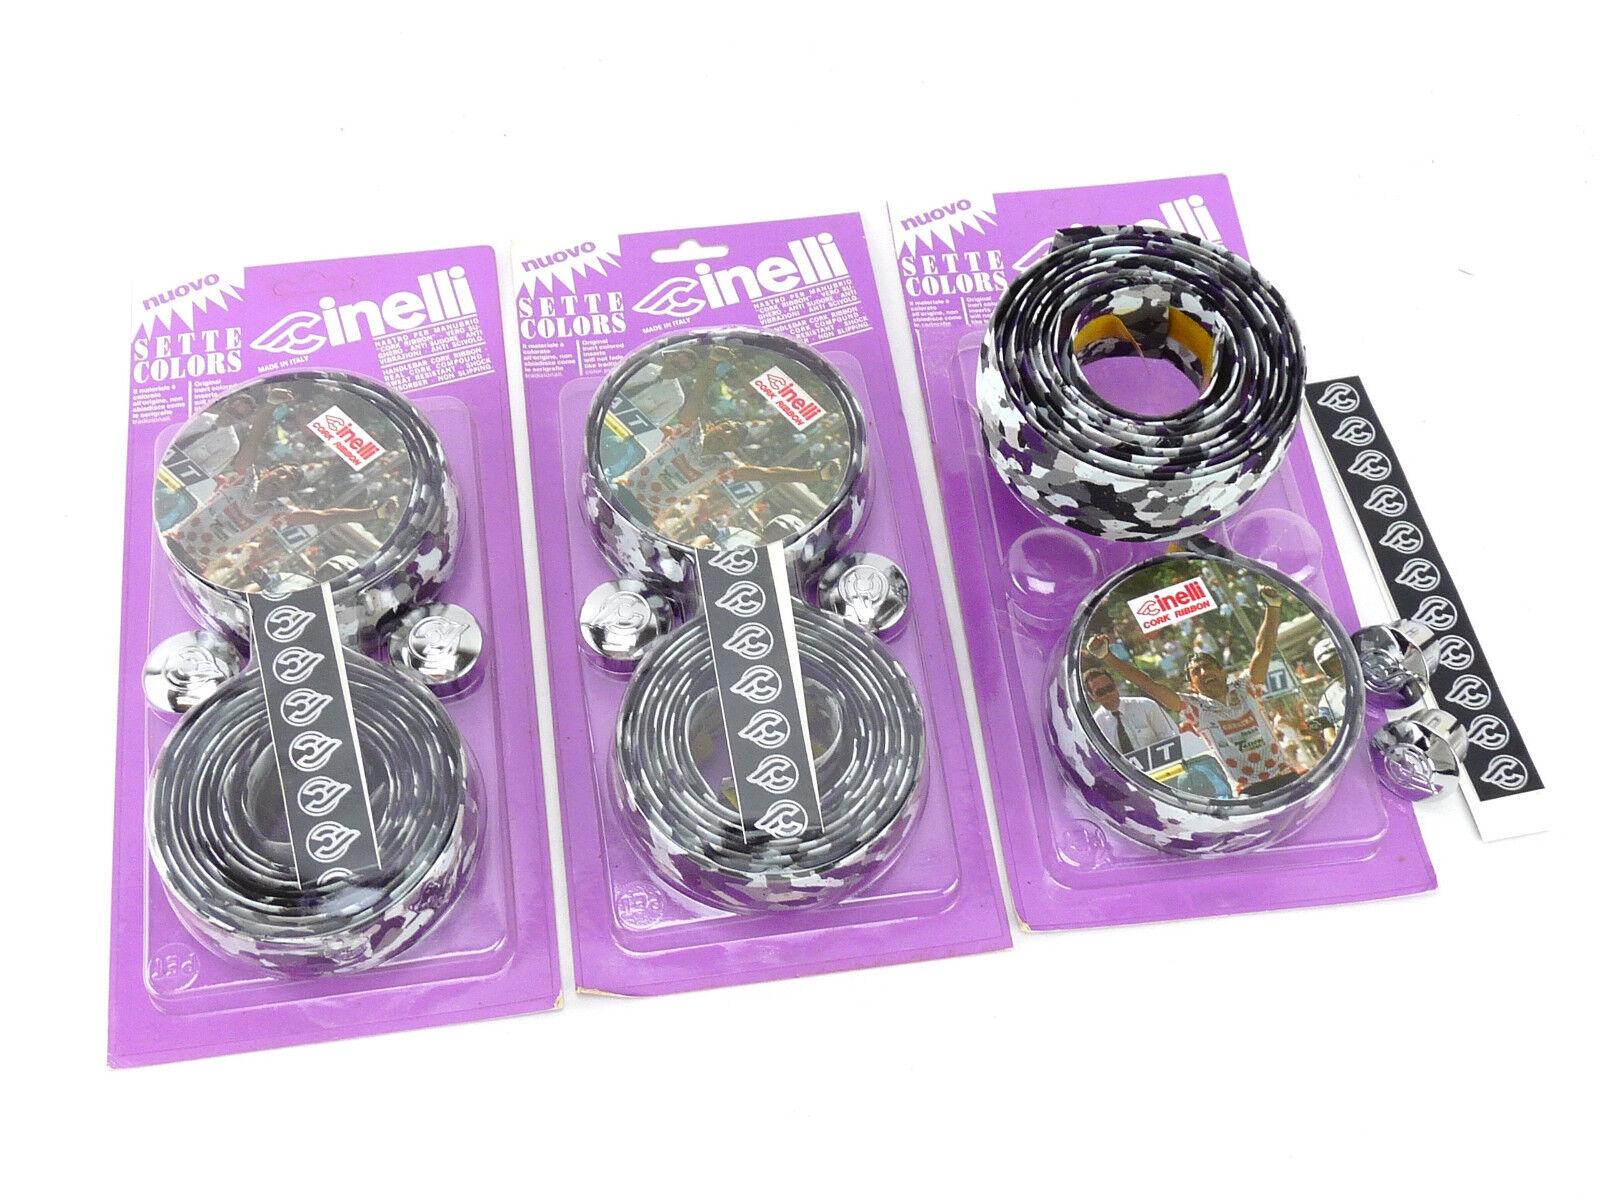 Cinelli handlebar tape Grey White Purple cork Ribbon vintage bike NOS x 3 LOT